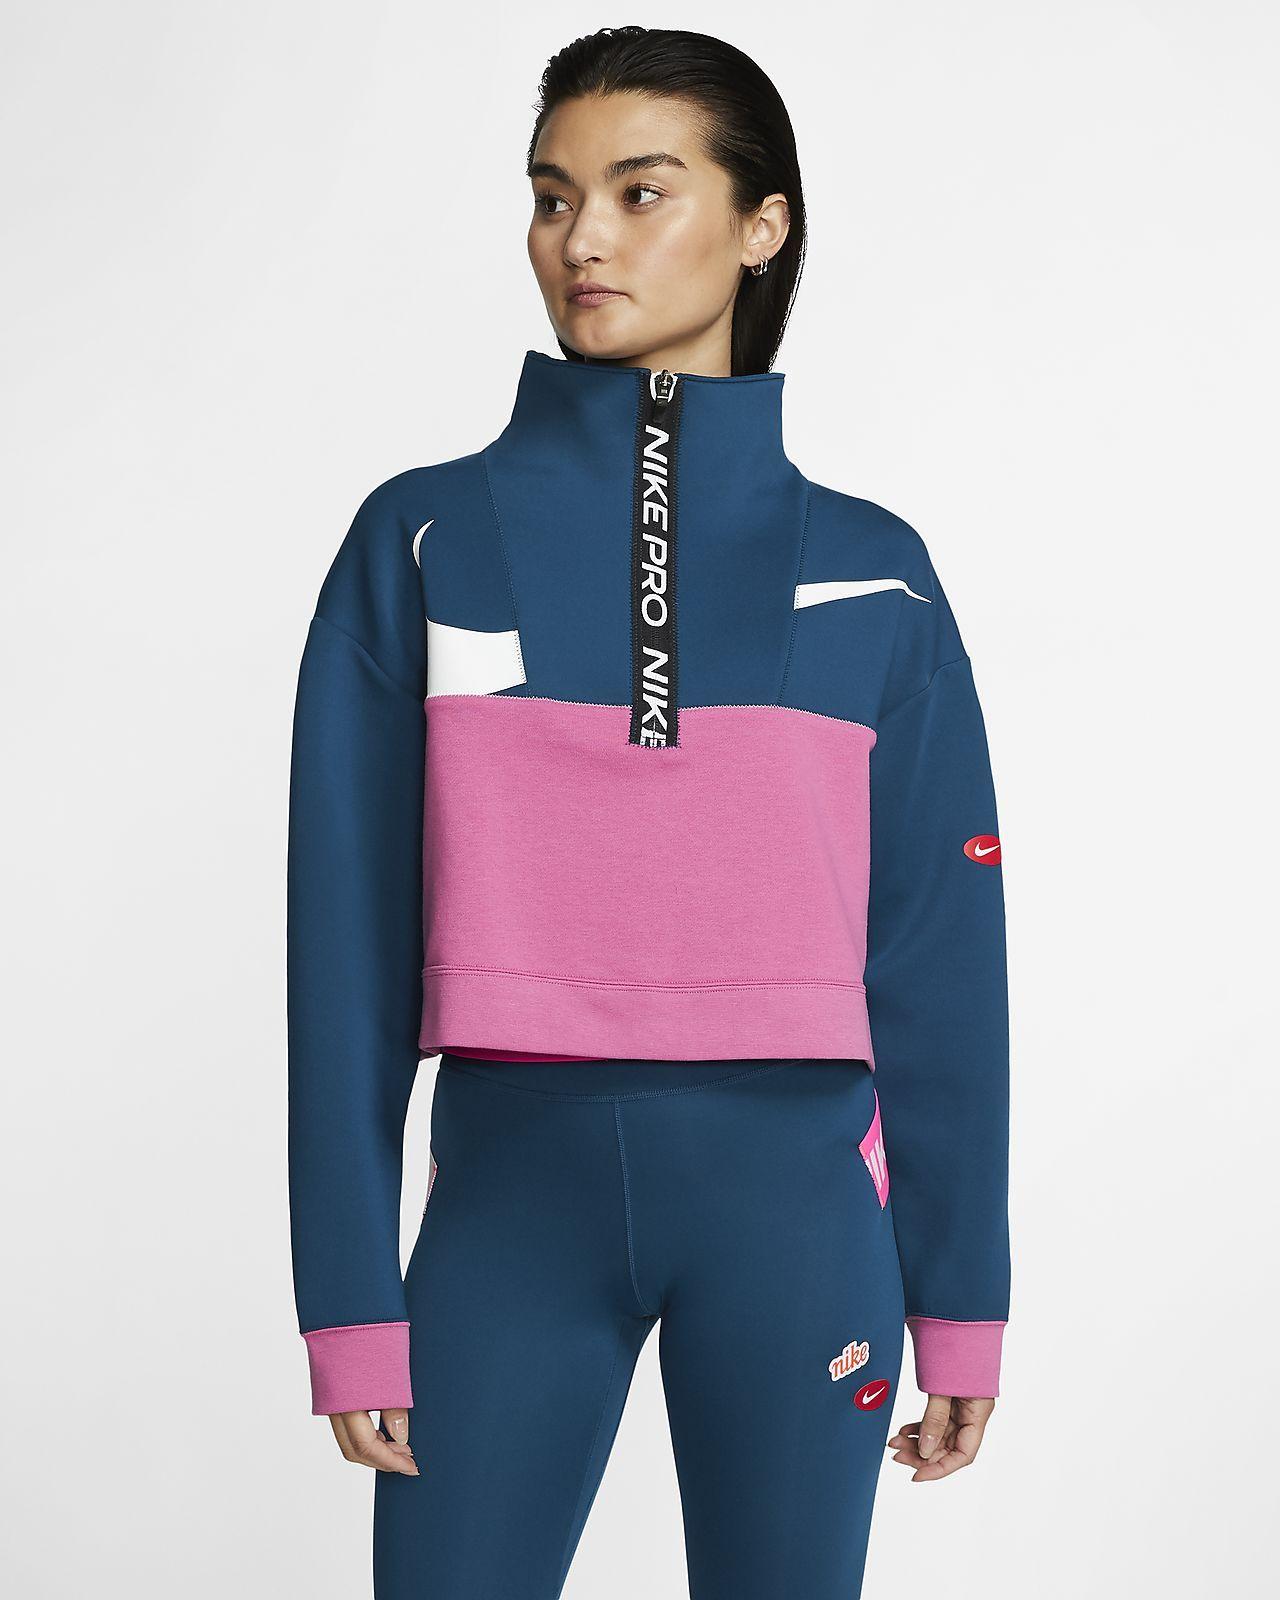 Pro Get Fit Icon Clash Women's Fleece 1/2Zip Jacket in